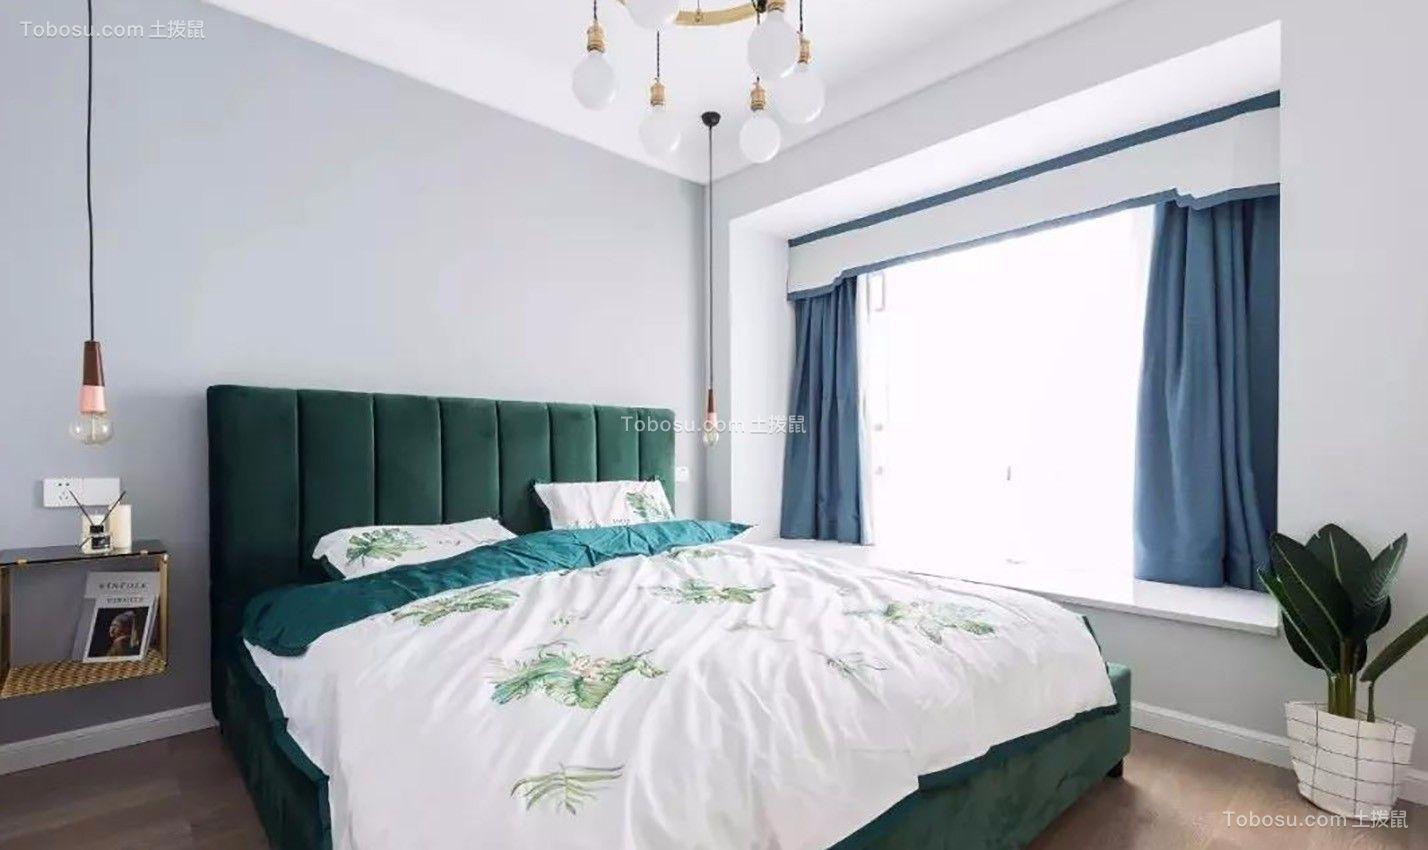 美轮美奂绿色床装饰实景图片